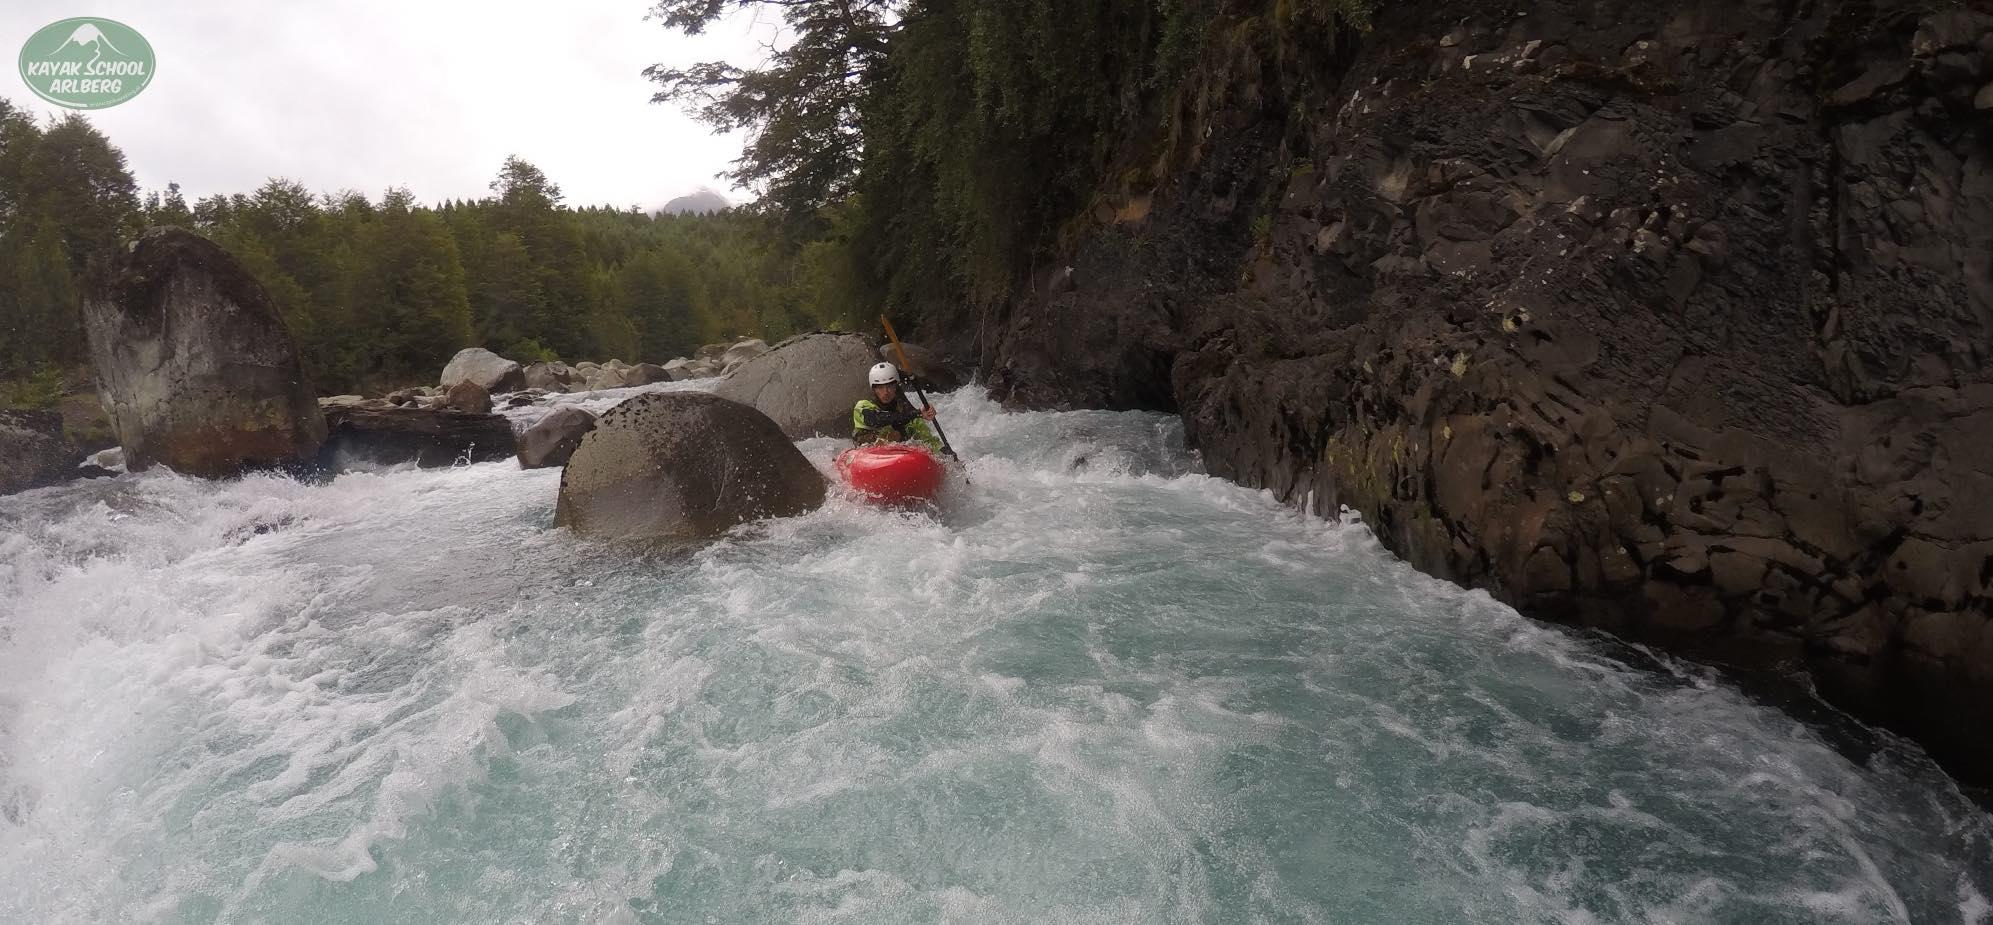 Kayak-Chile-Patagonia-Rio-Azul-10.jpg